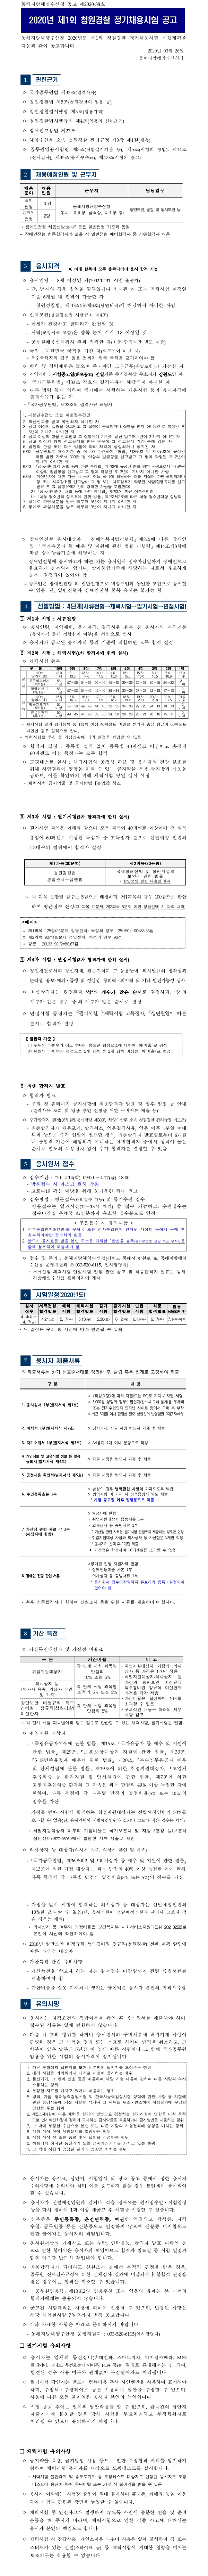 200326_동해지방해양수산청_공고.jpg